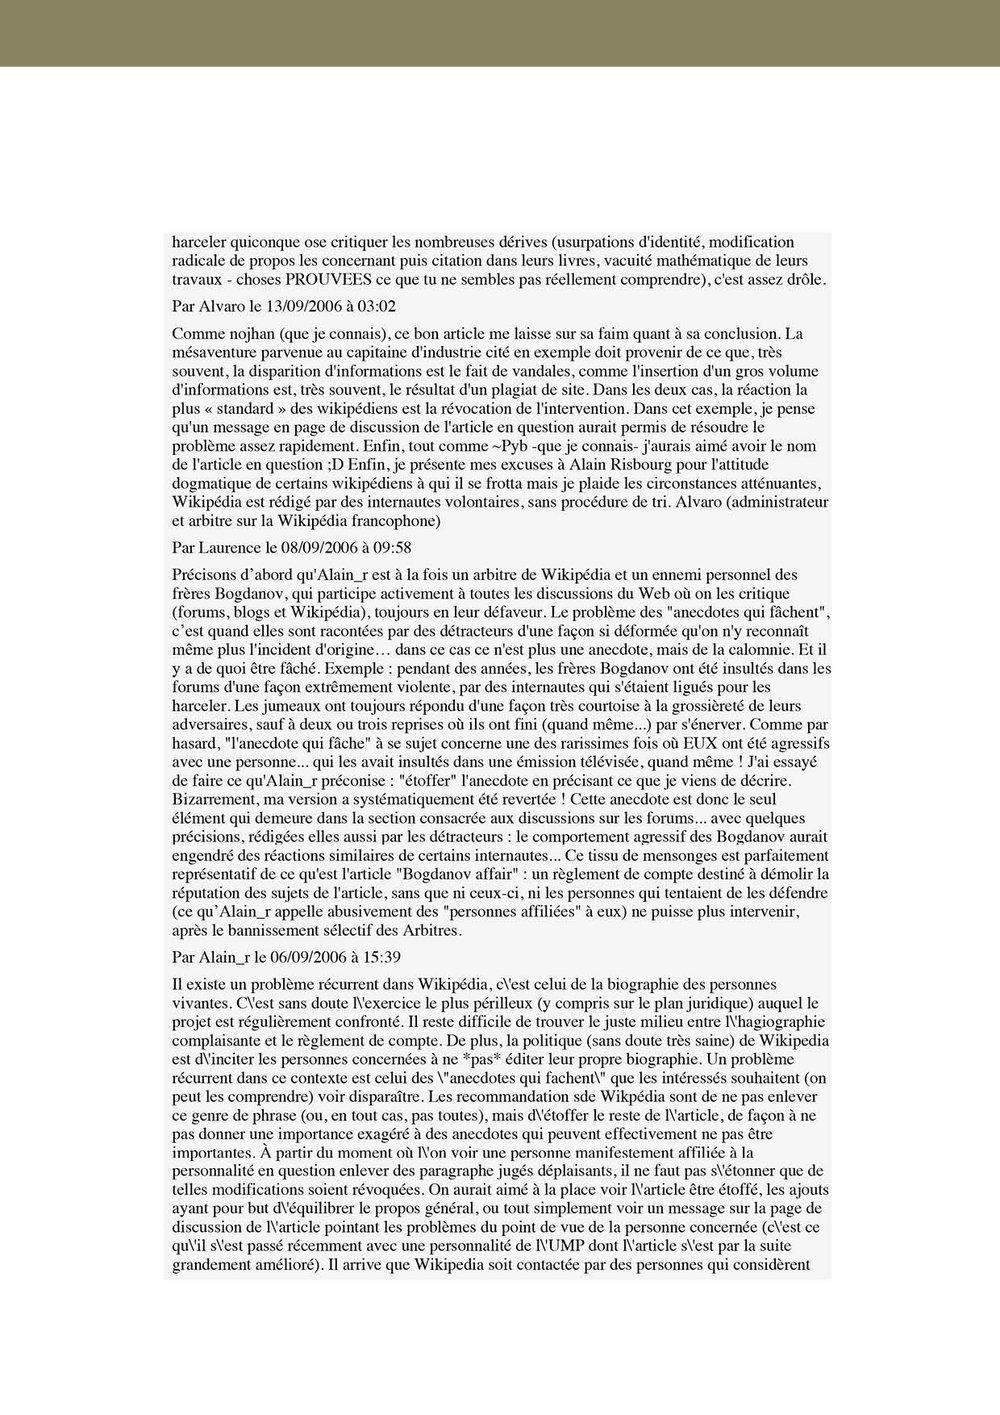 BOOKMEDIA_SEPT20.jpg